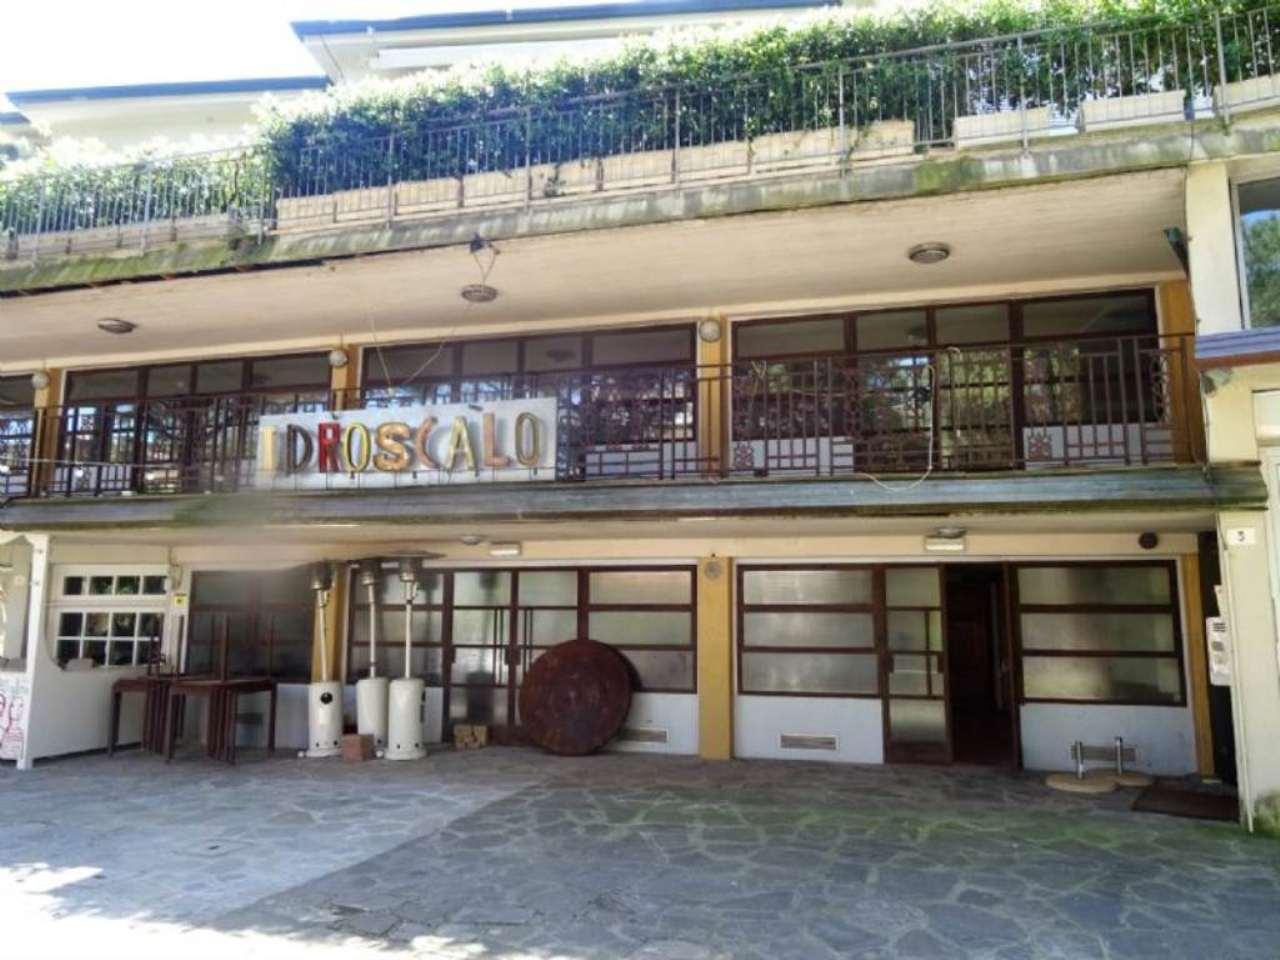 Negozio / Locale in vendita a Cervia - Milano Marittima, 9999 locali, Trattative riservate | Cambio Casa.it